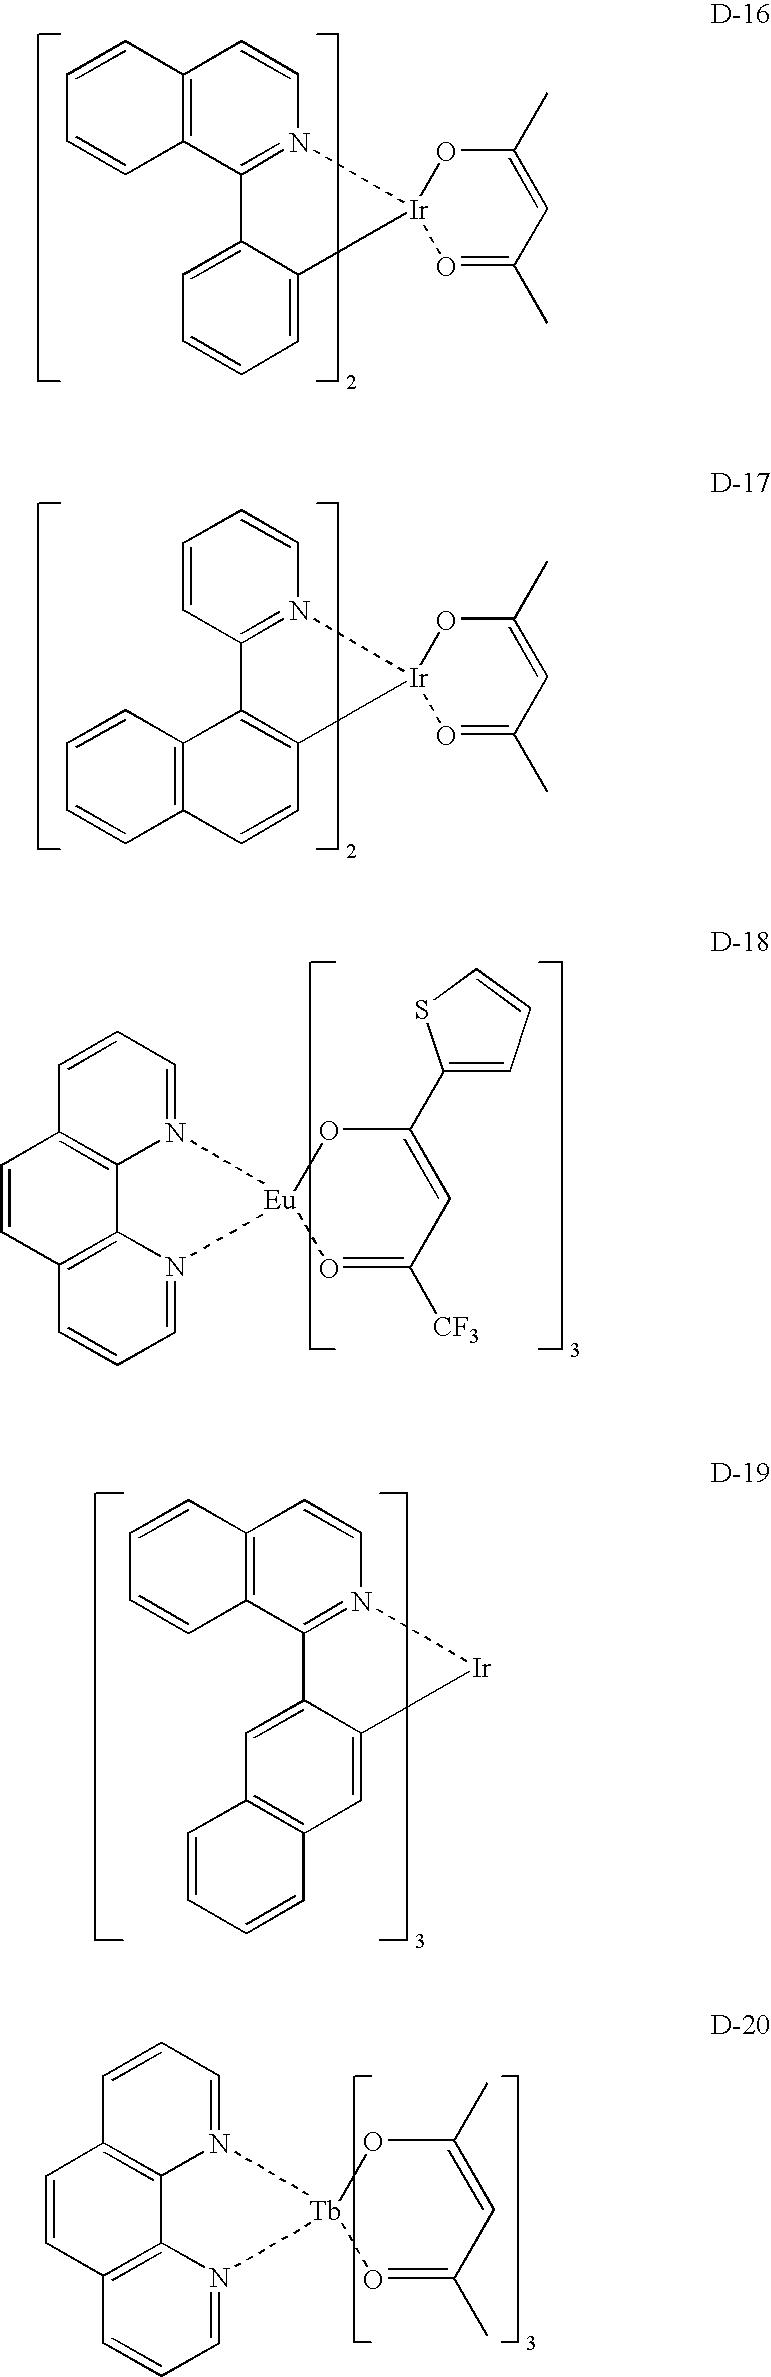 Figure US20090001360A1-20090101-C00004